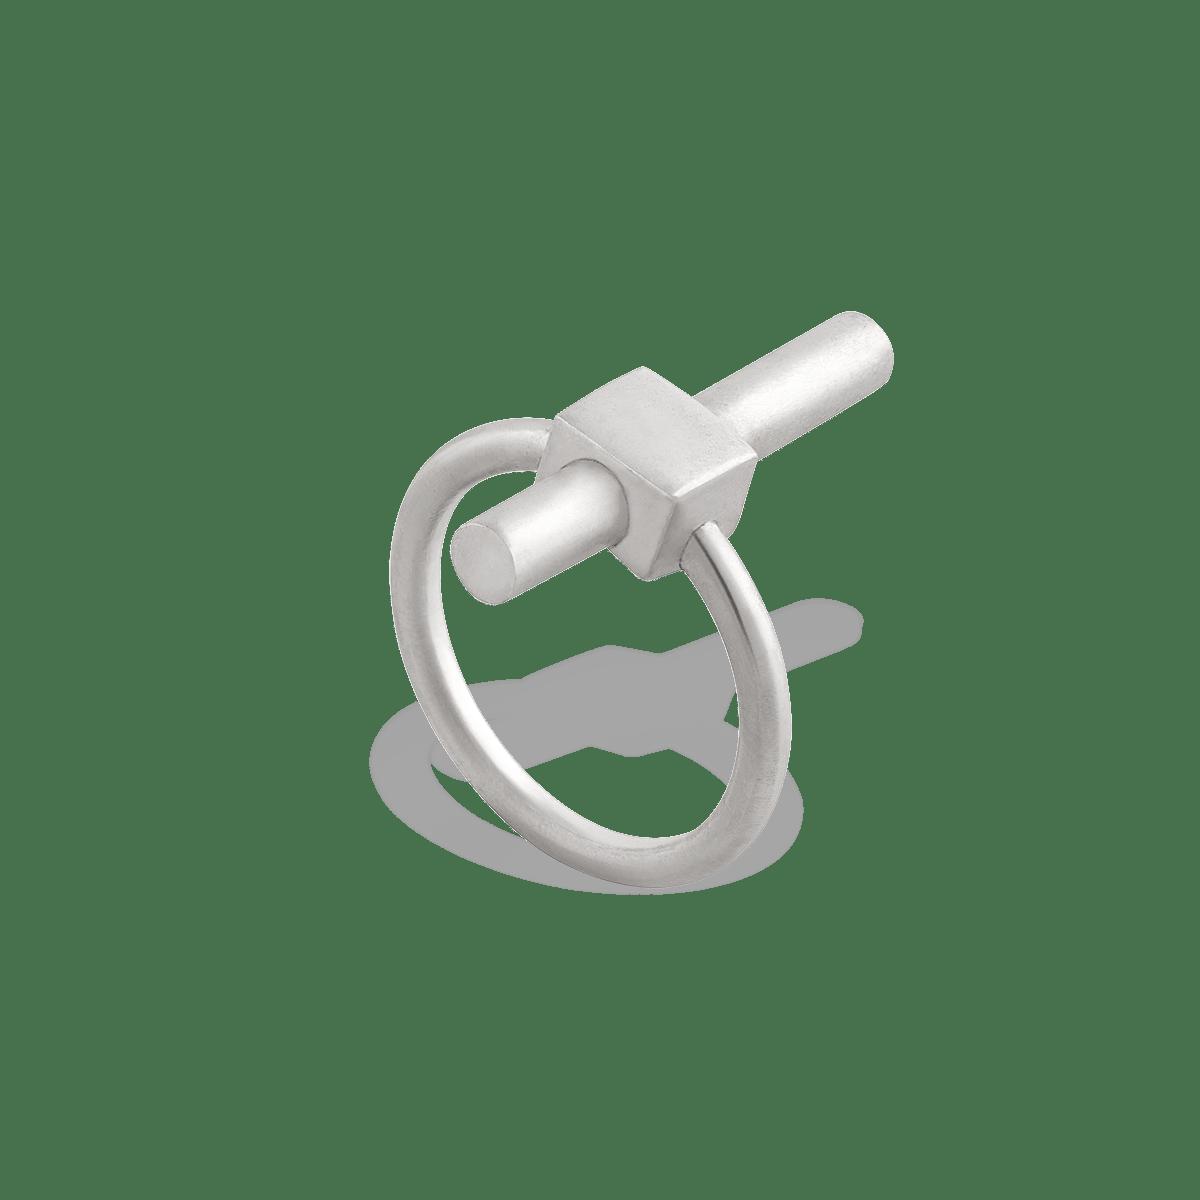 انگشتر نقره پلاس Plus